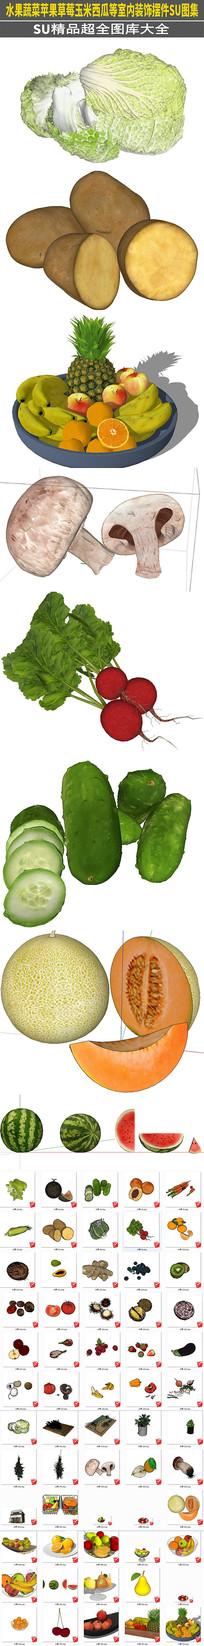 水果蔬菜苹果草莓玉米西瓜装饰摆件su图集